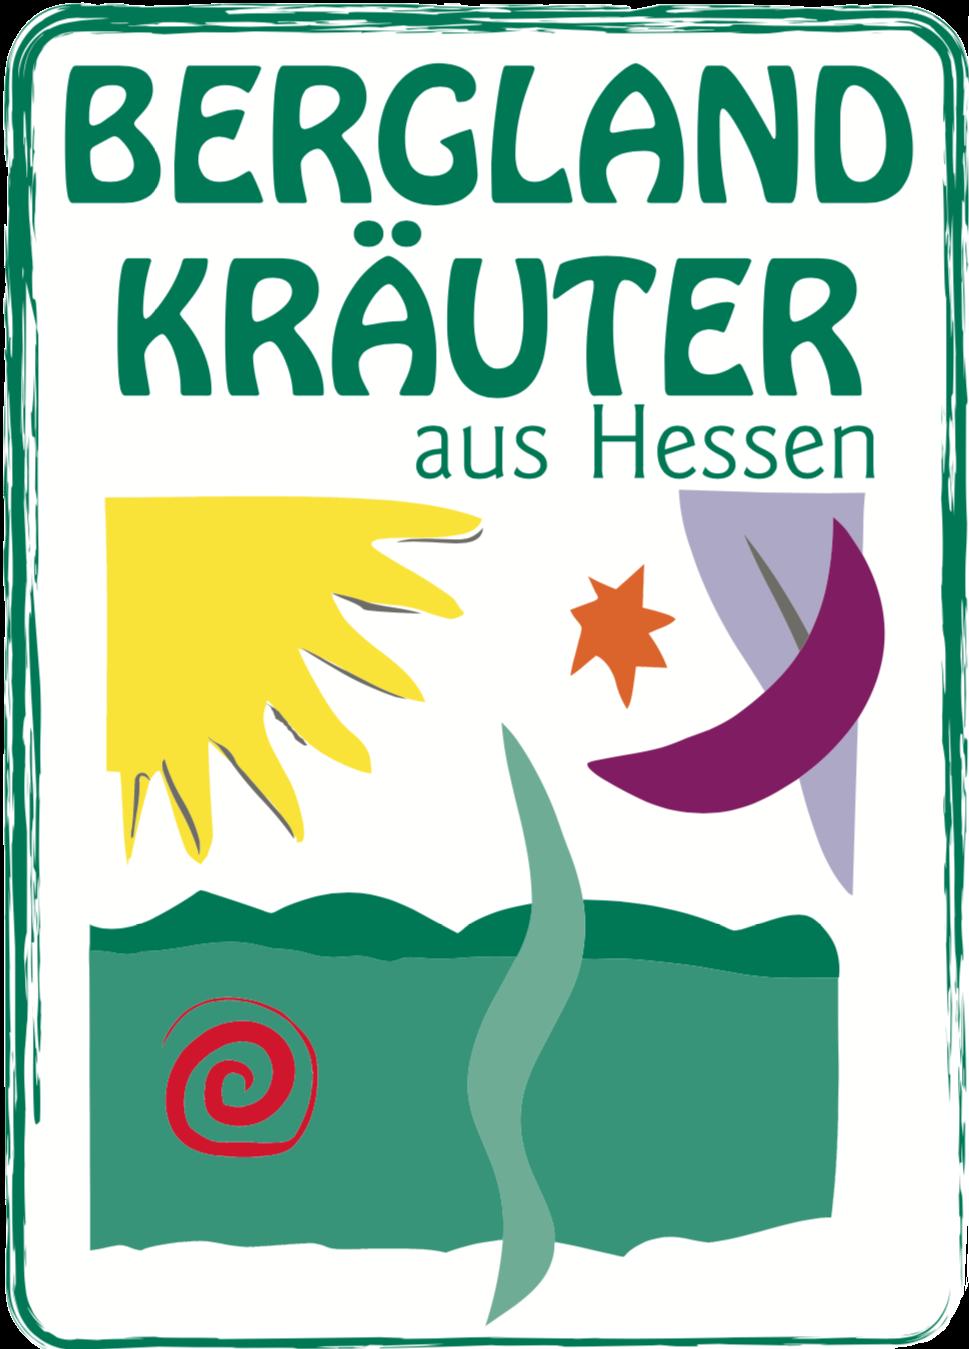 Berglandkräuter aus Hessen-Logo